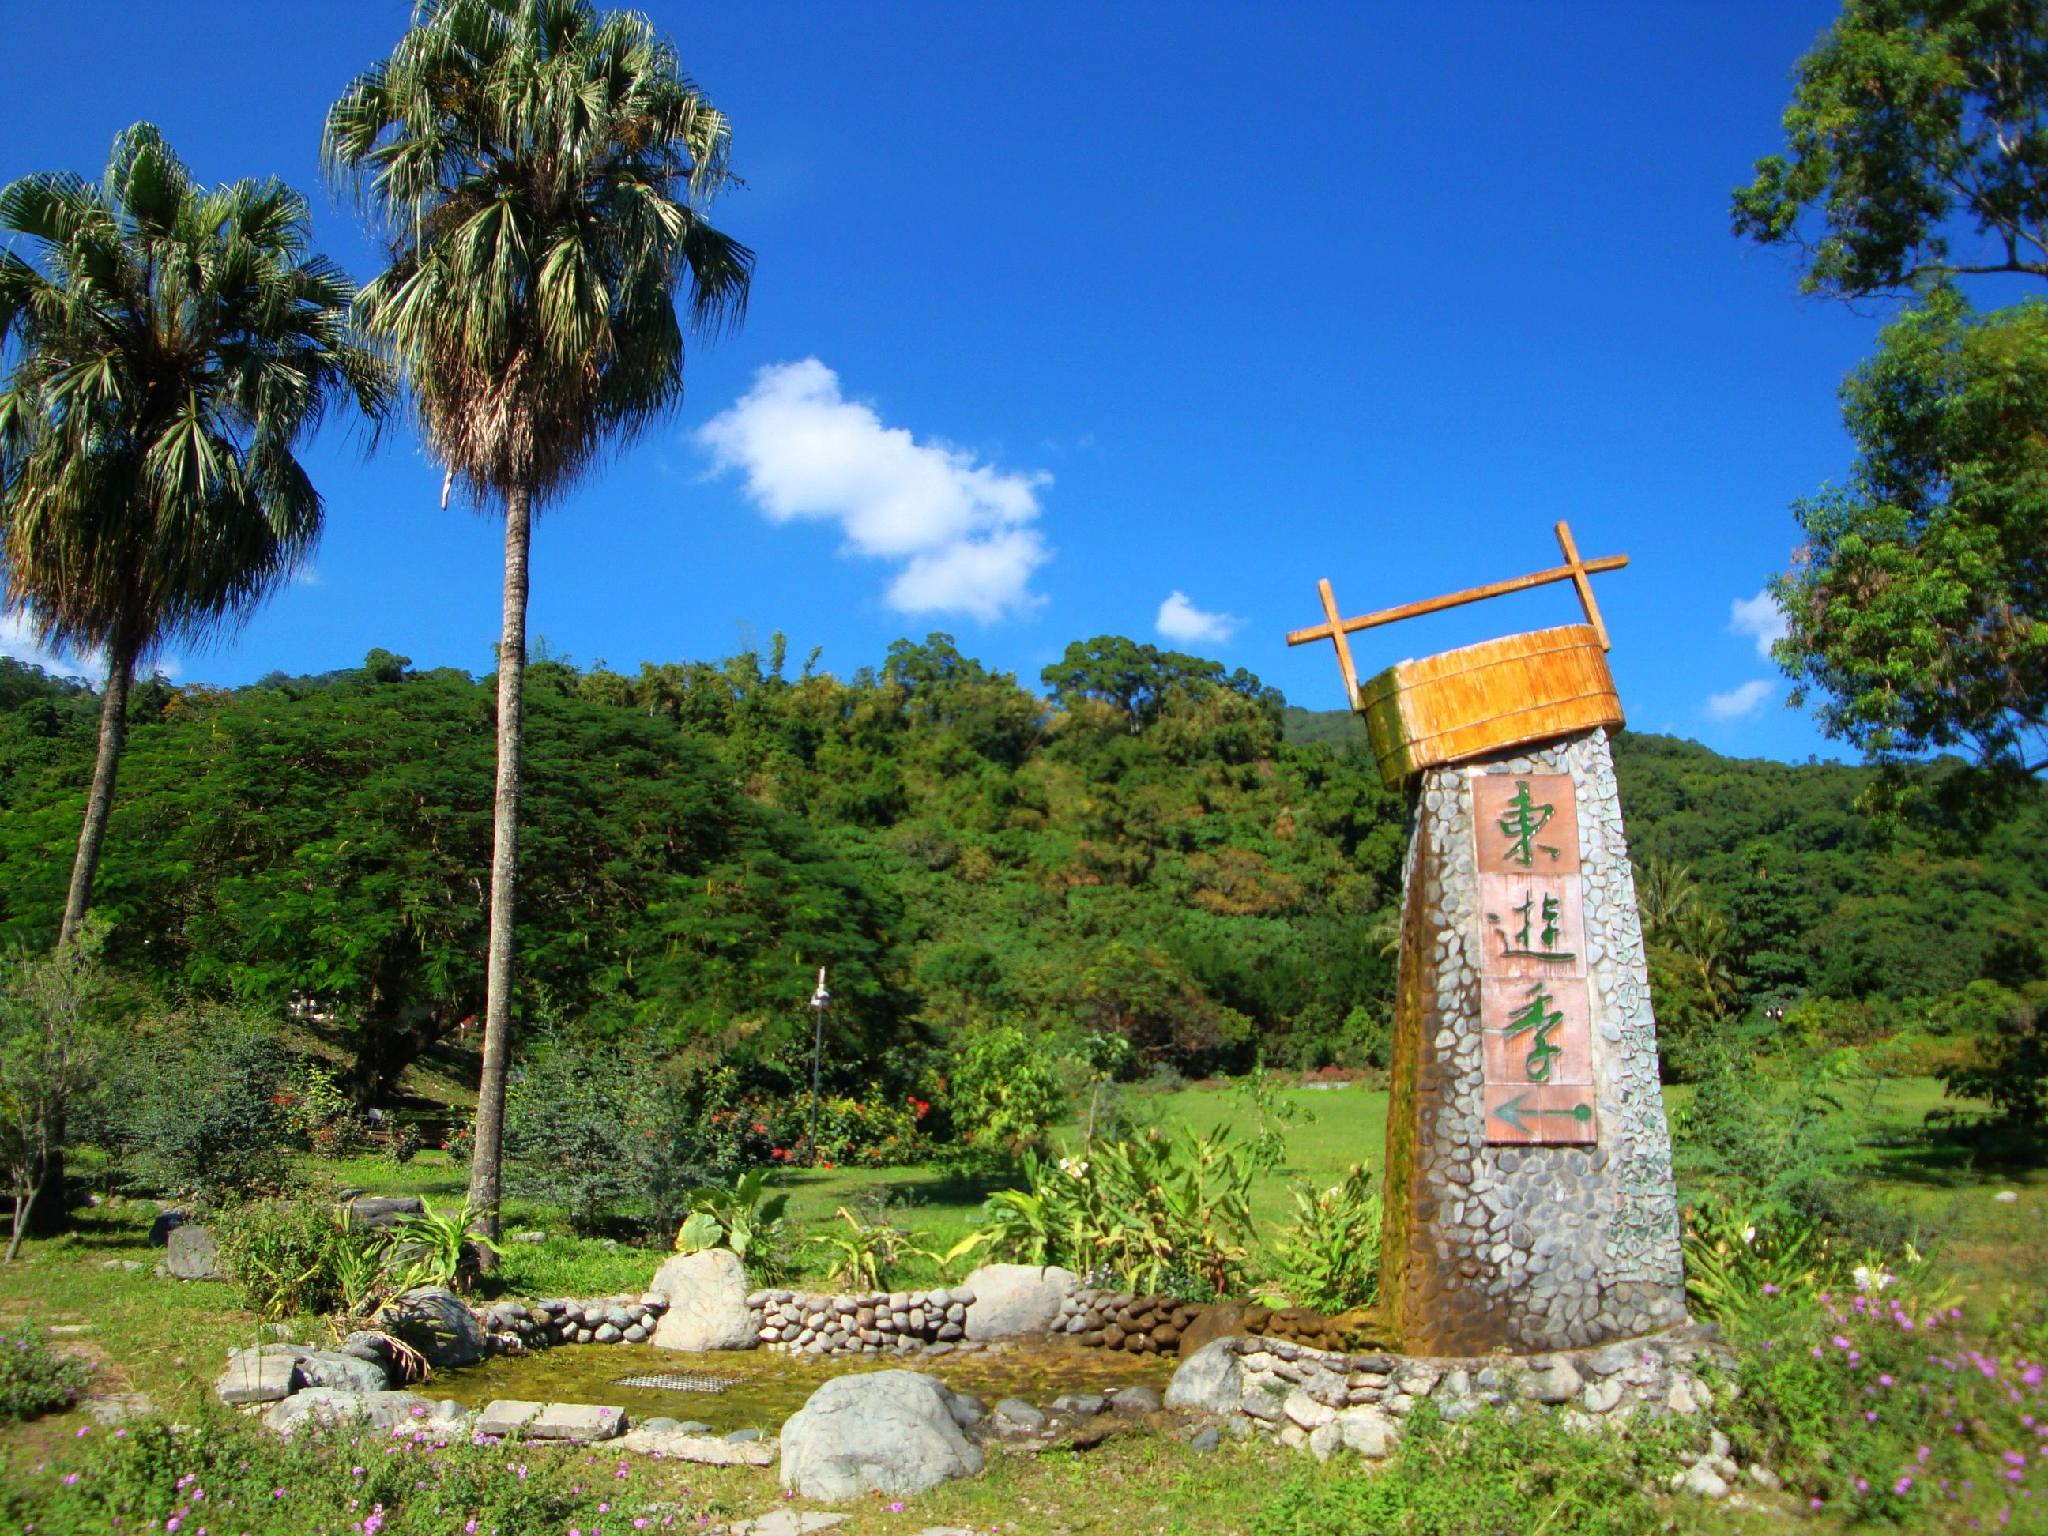 Toyugi Hot Spring Resorts & SPA